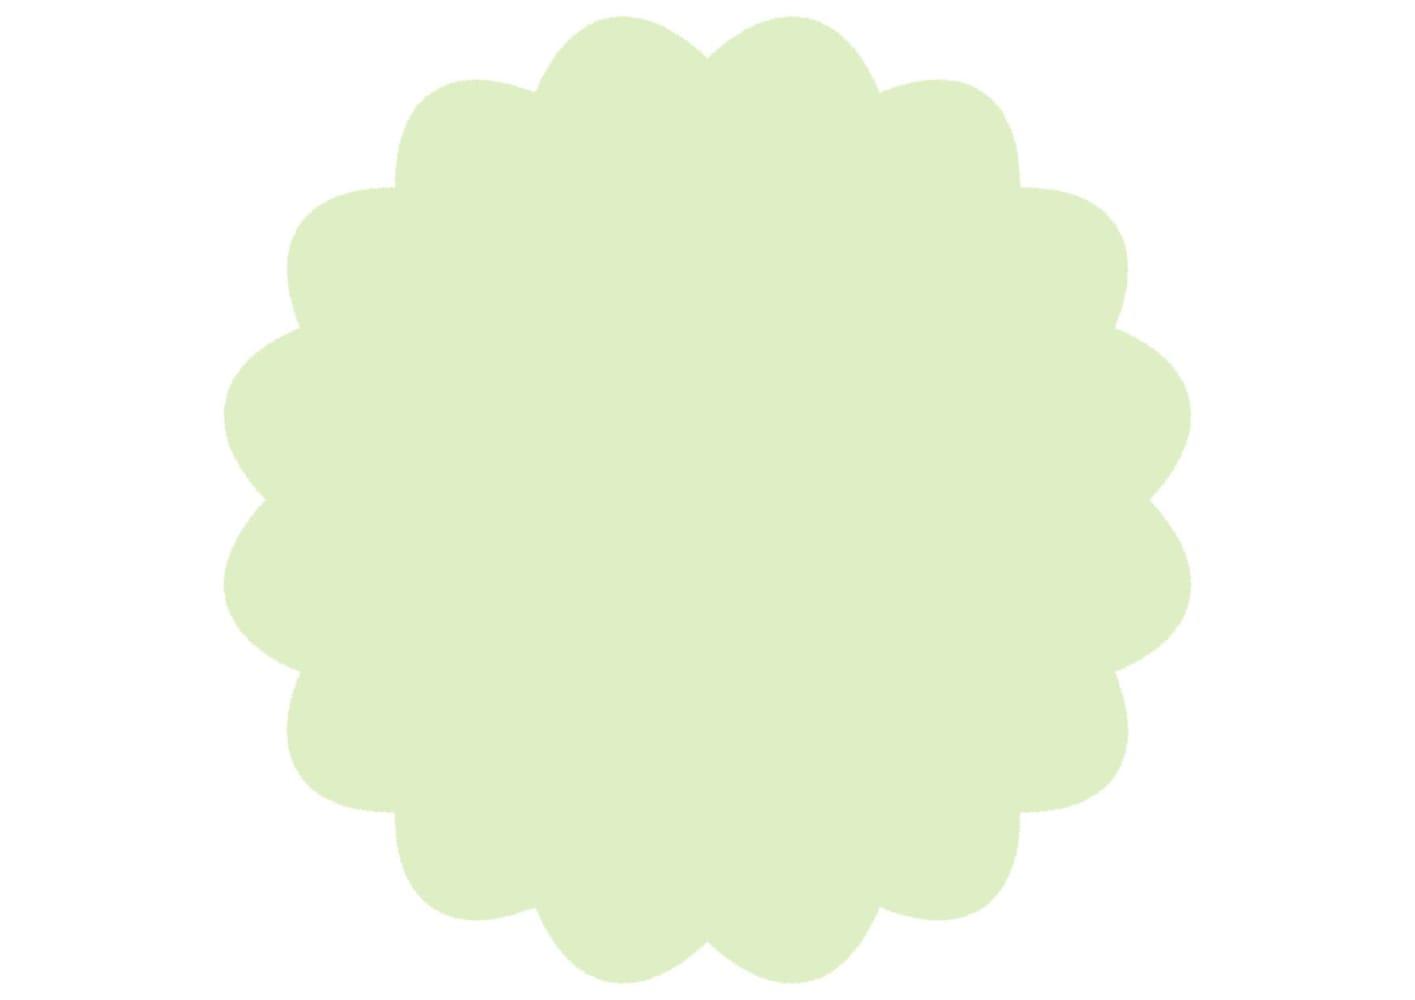 シンプル やわらかい フレーム 薄緑色 イラスト 無料